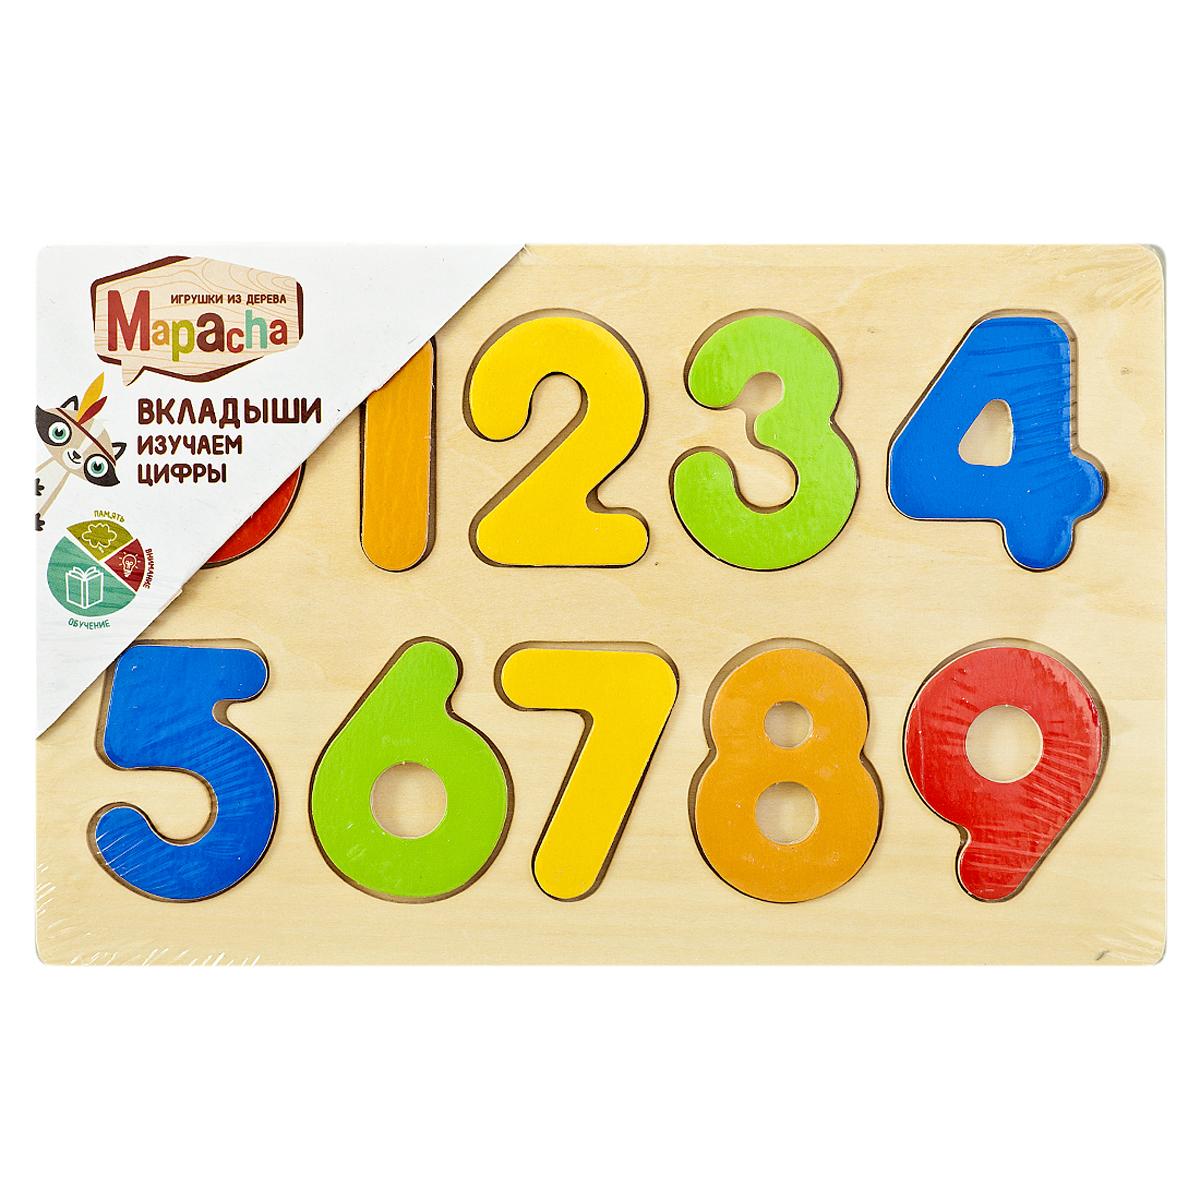 Mapacha Пазл для малышей Вкладыши Изучаем цифры изучаем цифры